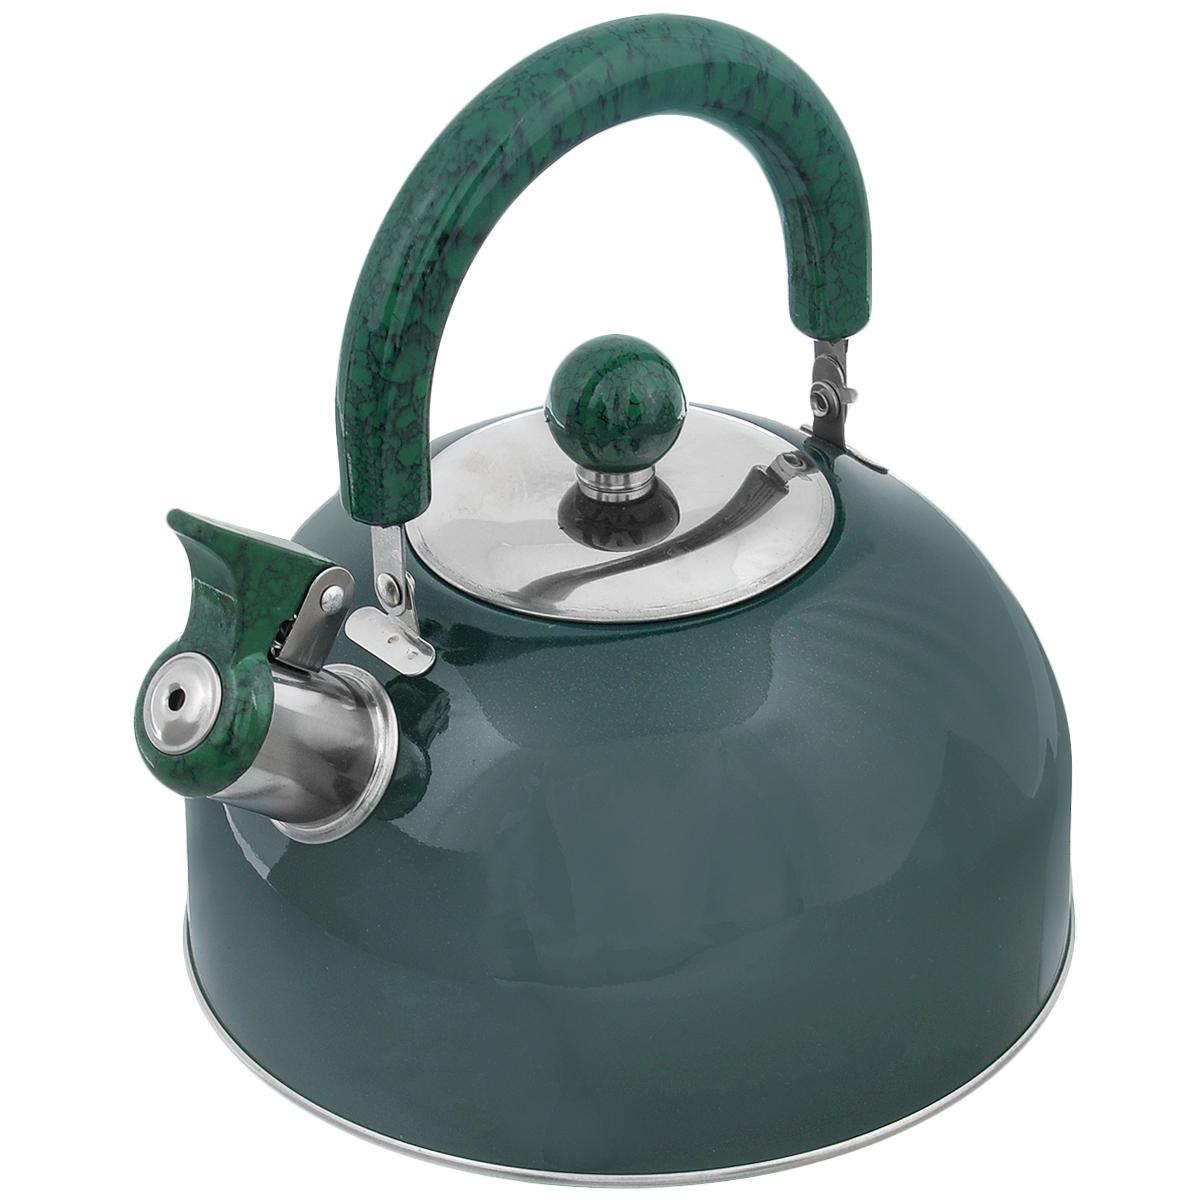 Чайник Mayer & Boch Modern со свистком, цвет: зеленый, 2 л. МВ-3226CM000001328Чайник Mayer & Boch Modern изготовлен из высококачественной нержавеющей стали. Гладкая и ровная поверхность существенно облегчает уход. Он оснащен удобной нейлоновой ручкой, которая не нагревается даже при продолжительном периоде нагрева воды. Носик чайника имеет насадку-свисток, что позволит вам контролировать процесс подогрева или кипячения воды. Выполненный из качественных материалов чайник Mayer & Boch Modern при кипячении сохраняет все полезные свойства воды.Чайник пригоден для использования на всех типах плит, кроме индукционных. Можно мыть в посудомоечной машине. Диаметр чайника по верхнему краю: 8,5 см. Диаметр основания: 19 см. Высота чайника (без учета ручки и крышки): 10 см.